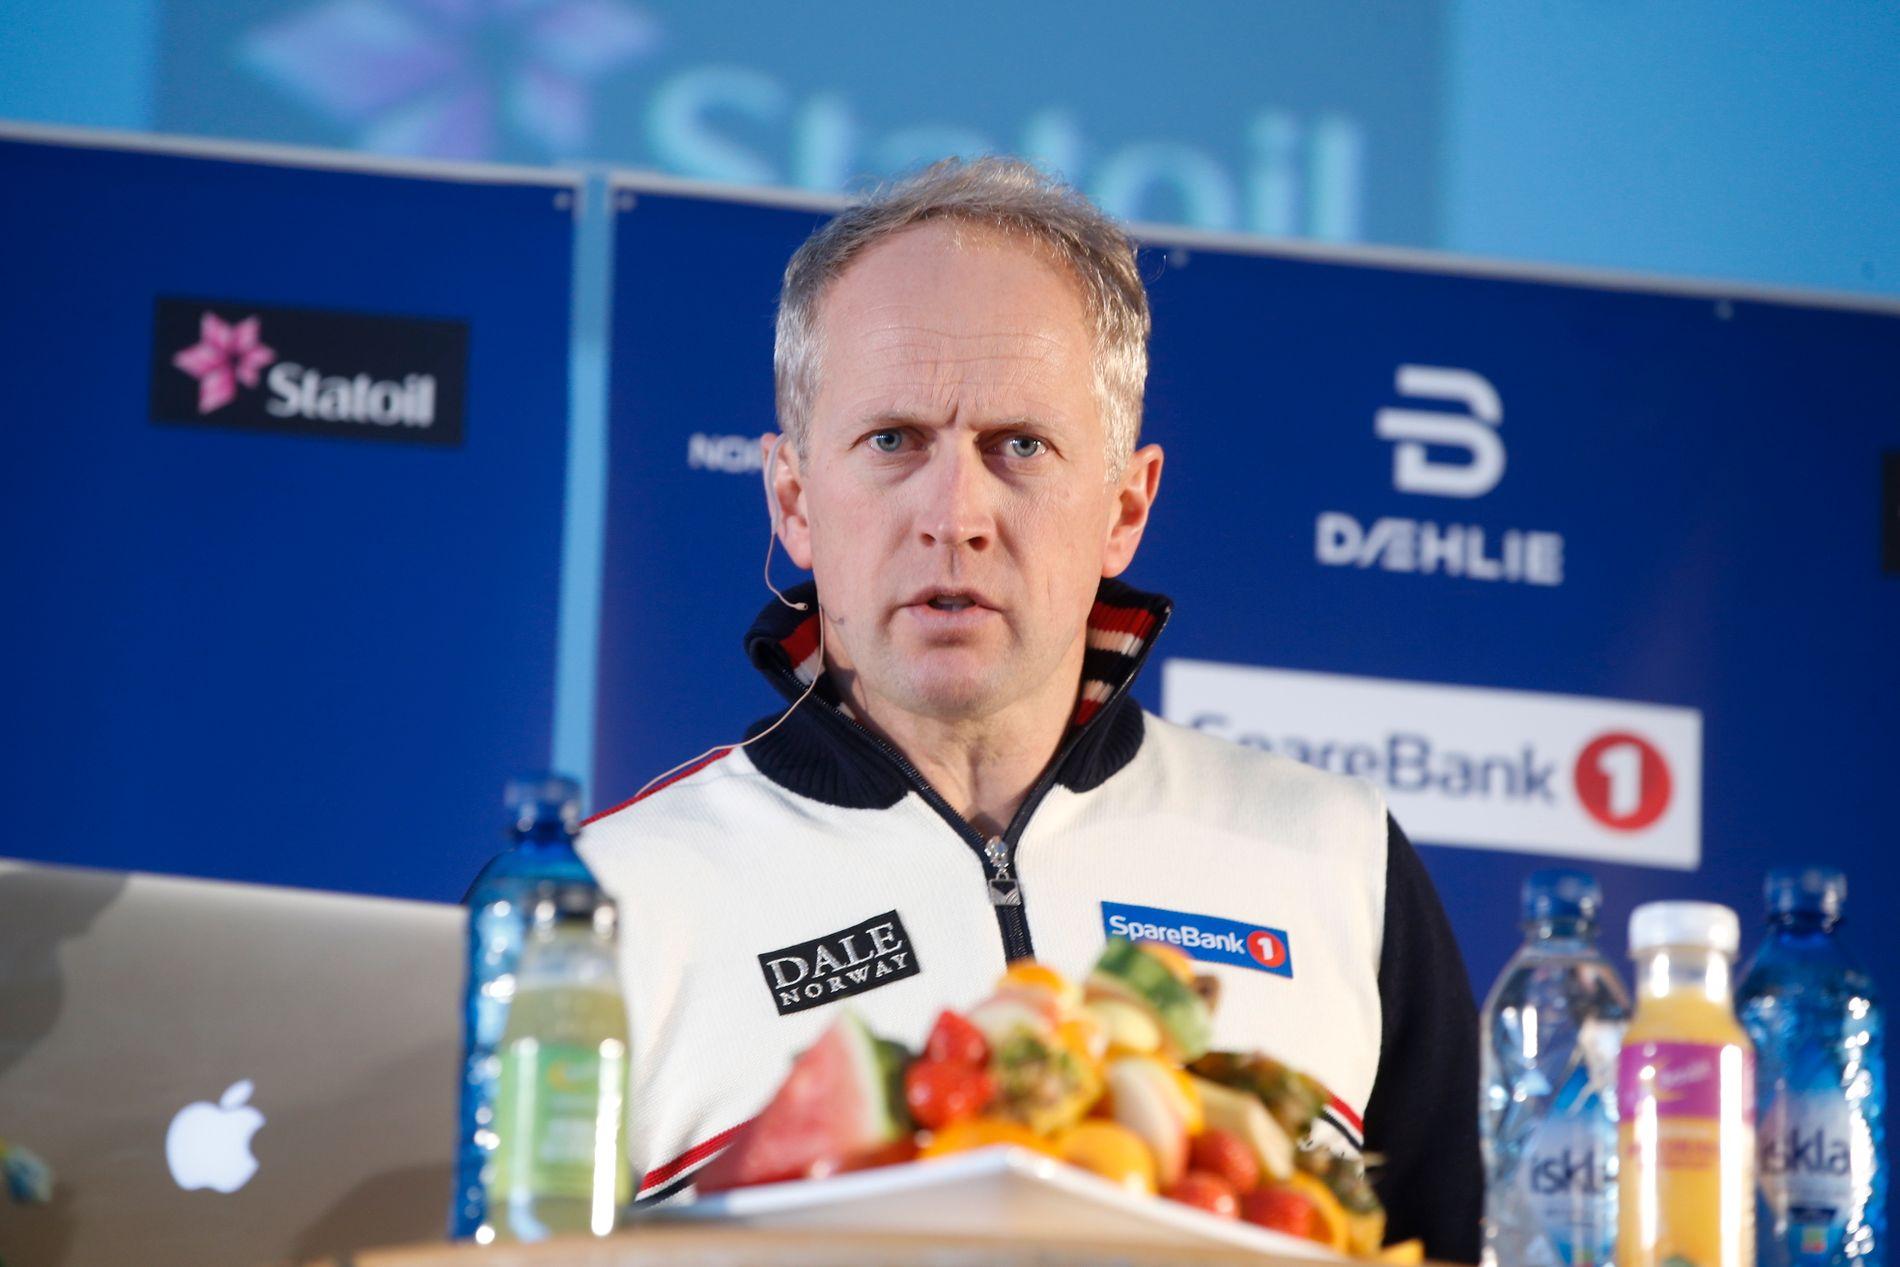 UENIGHET: – Vi støtter selvfølgelig Takle Friis' utspill (Coop); at det aldri er aktuelt å akseptere tøying av grensene vedrørende doping , sier Espen Bjervig i skiforbundet til VG. Her er han på et pressetreff i 2016.